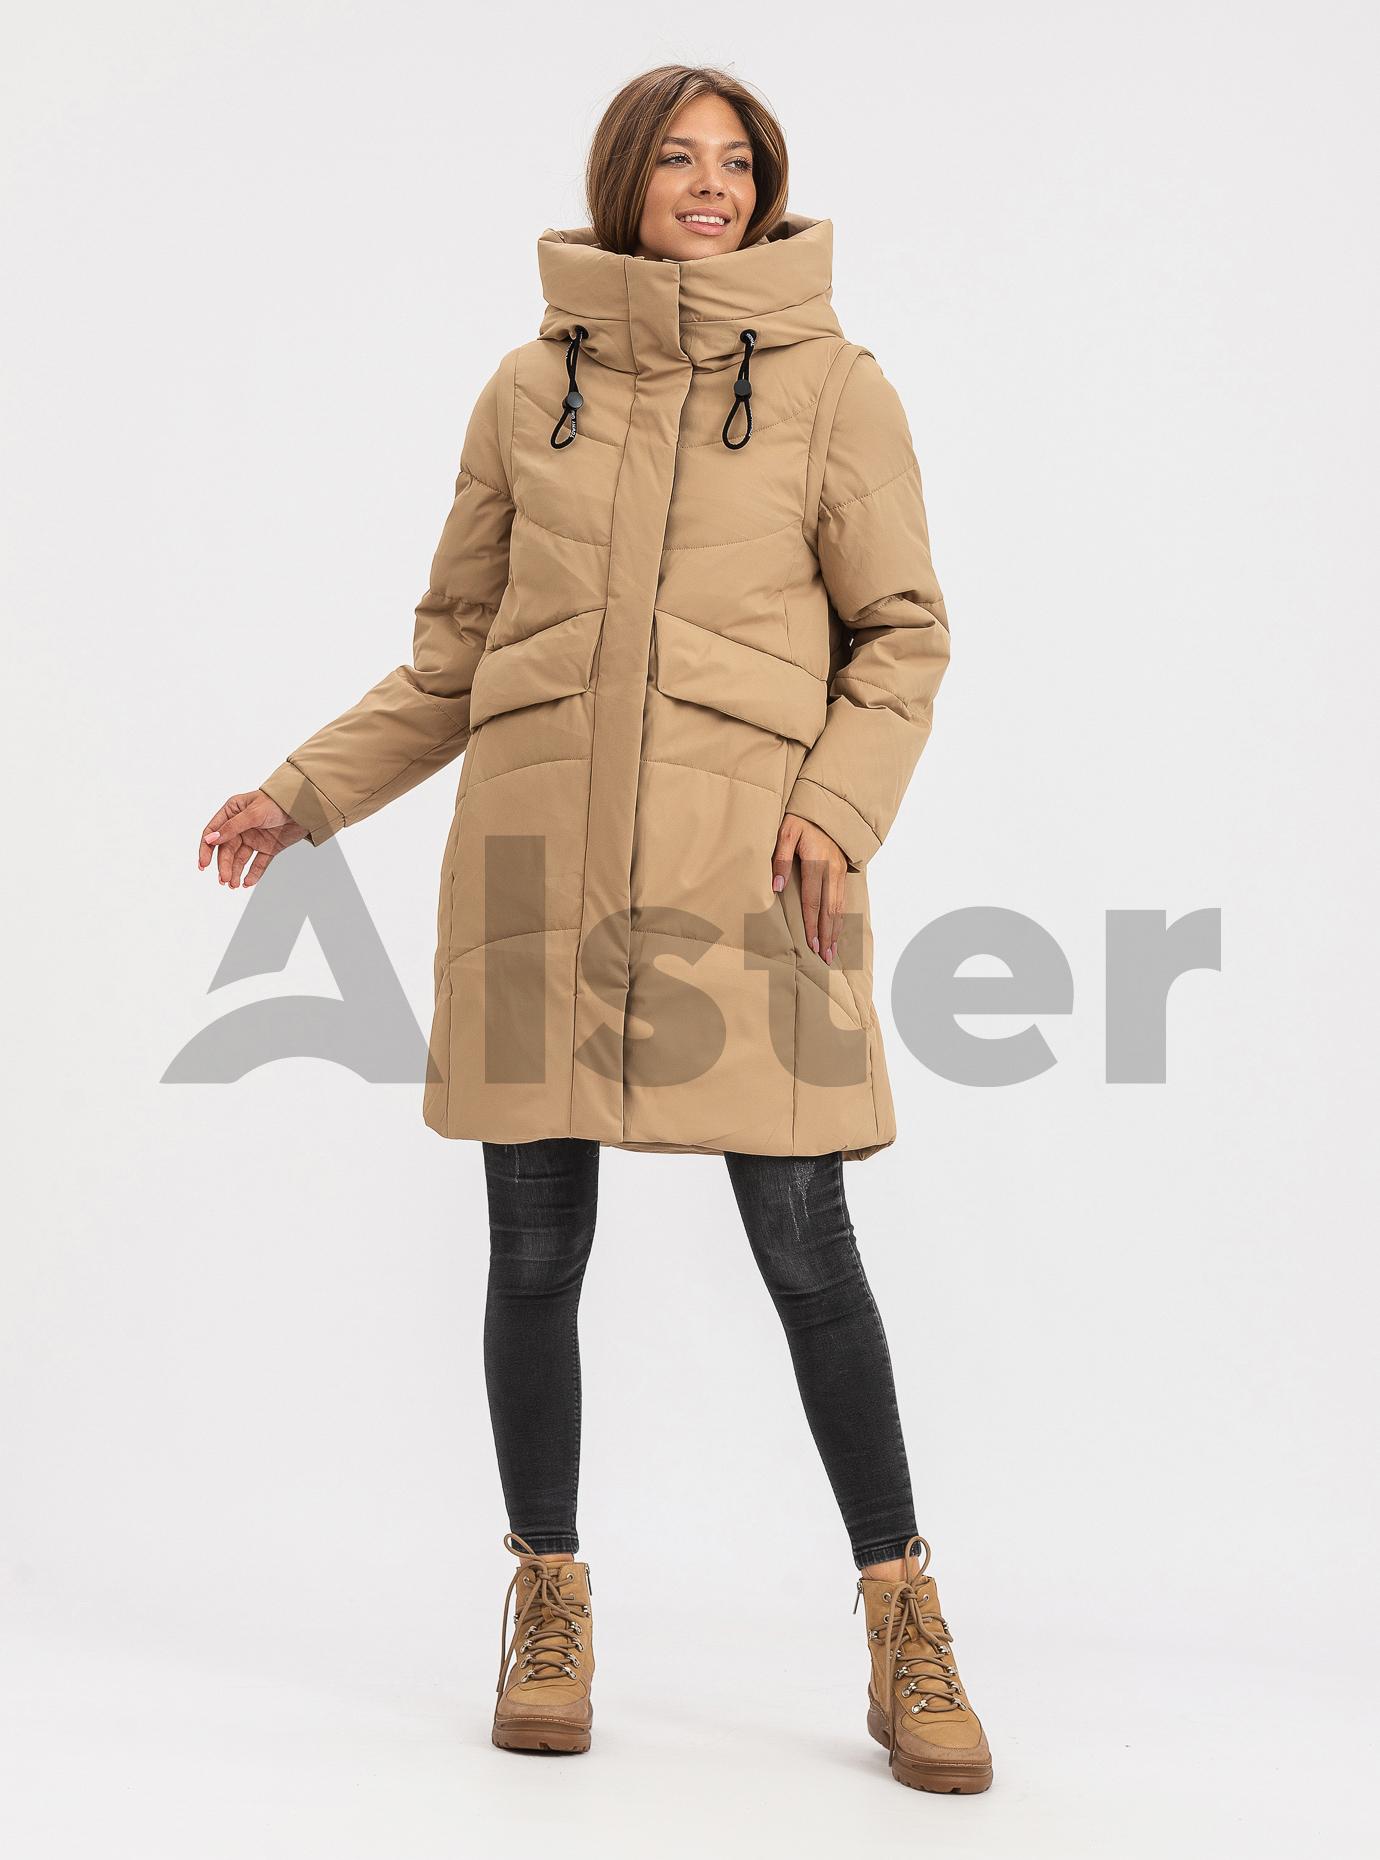 Жіноча зимова куртка трансформер TOWMY Темний бежевий L (TWM3223-13): фото - Alster.ua